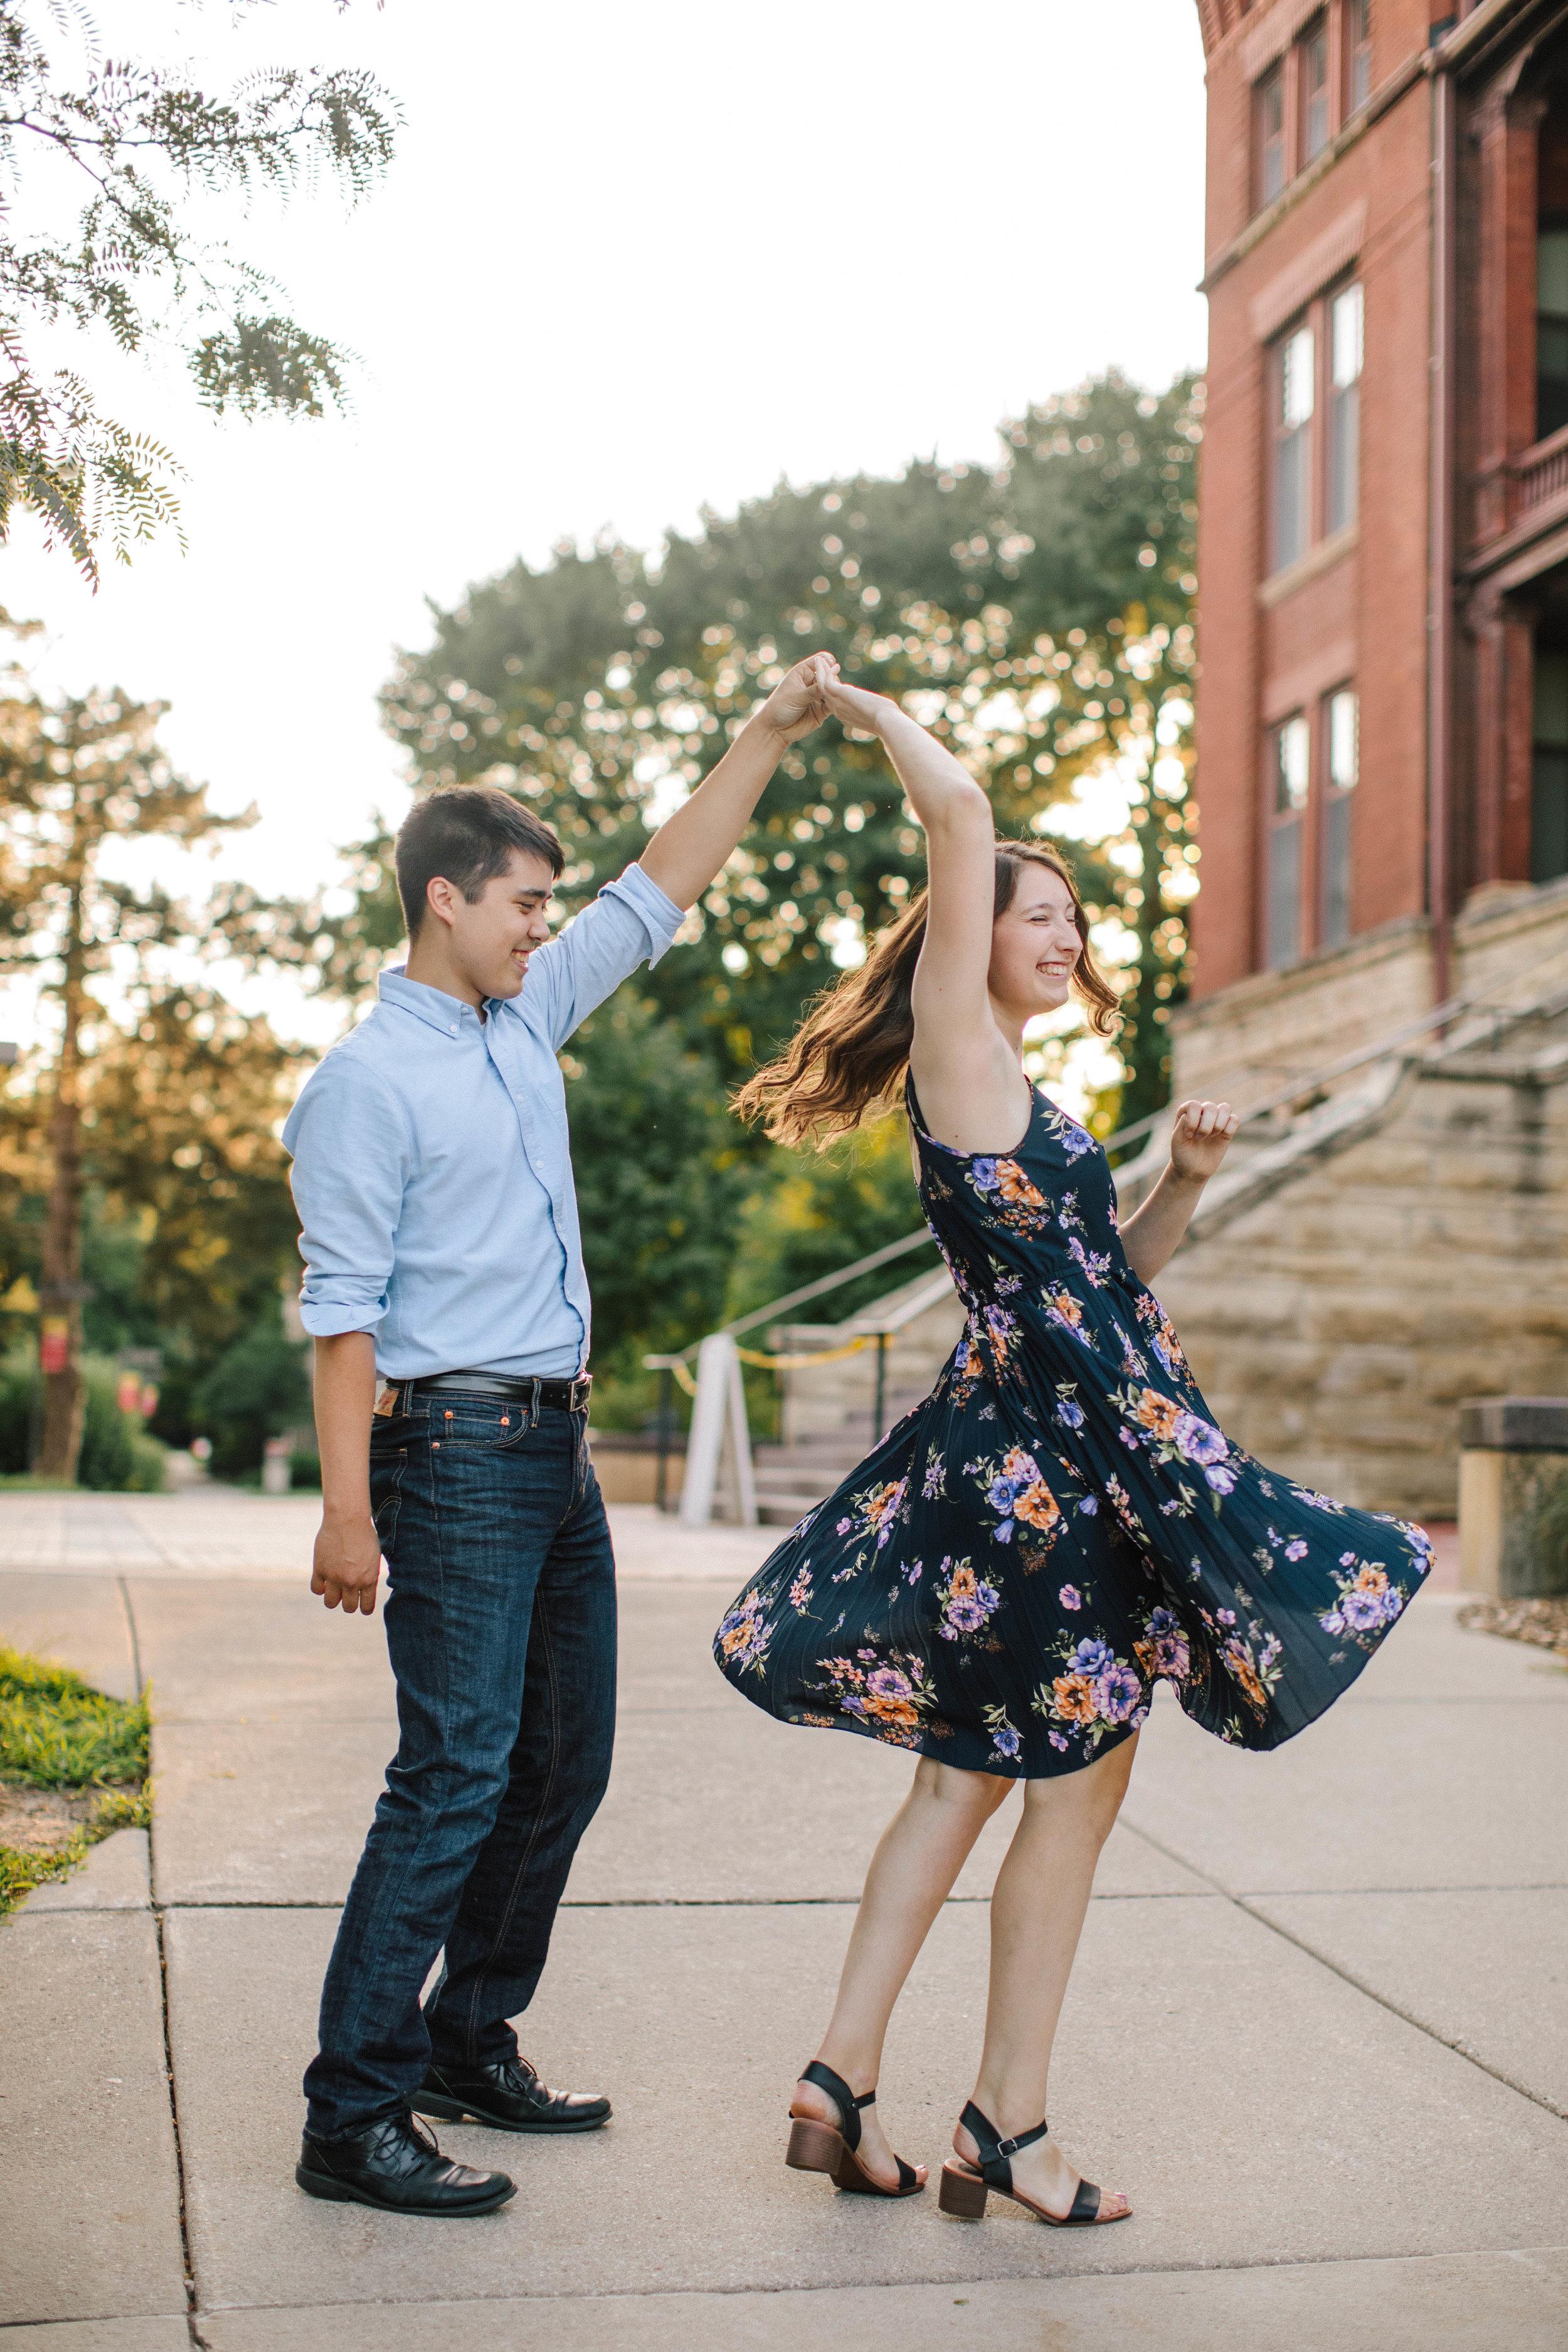 twirling in dress